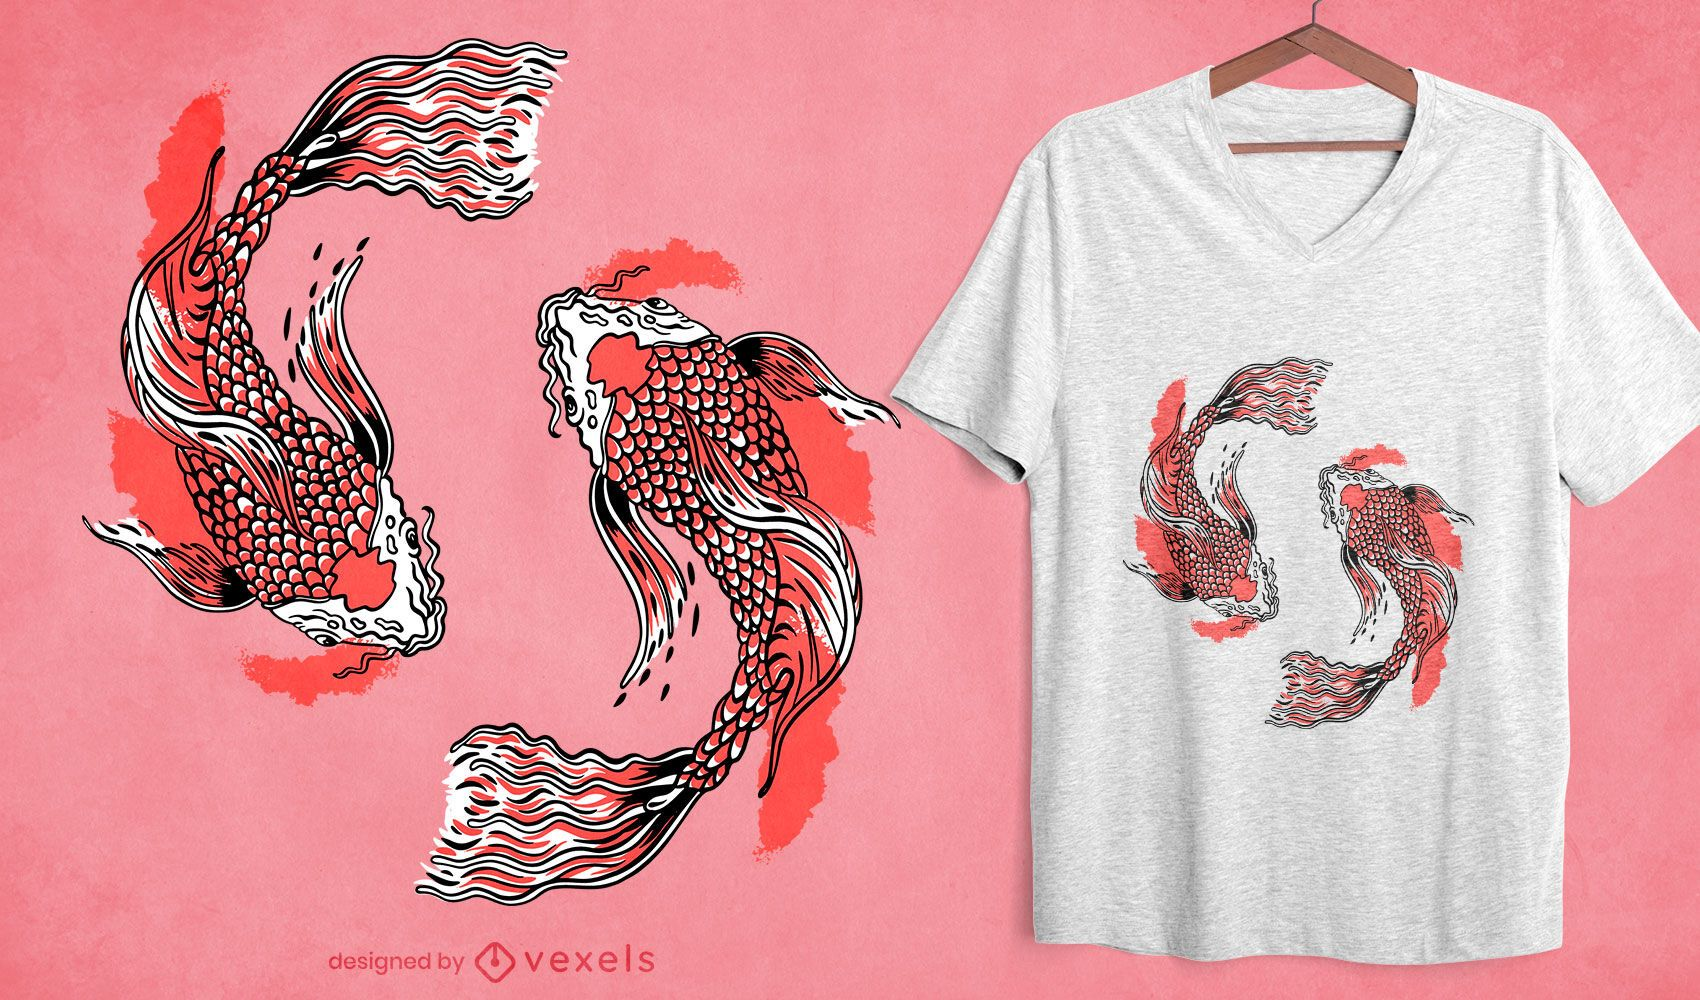 Koi fish swirly t-shirt design